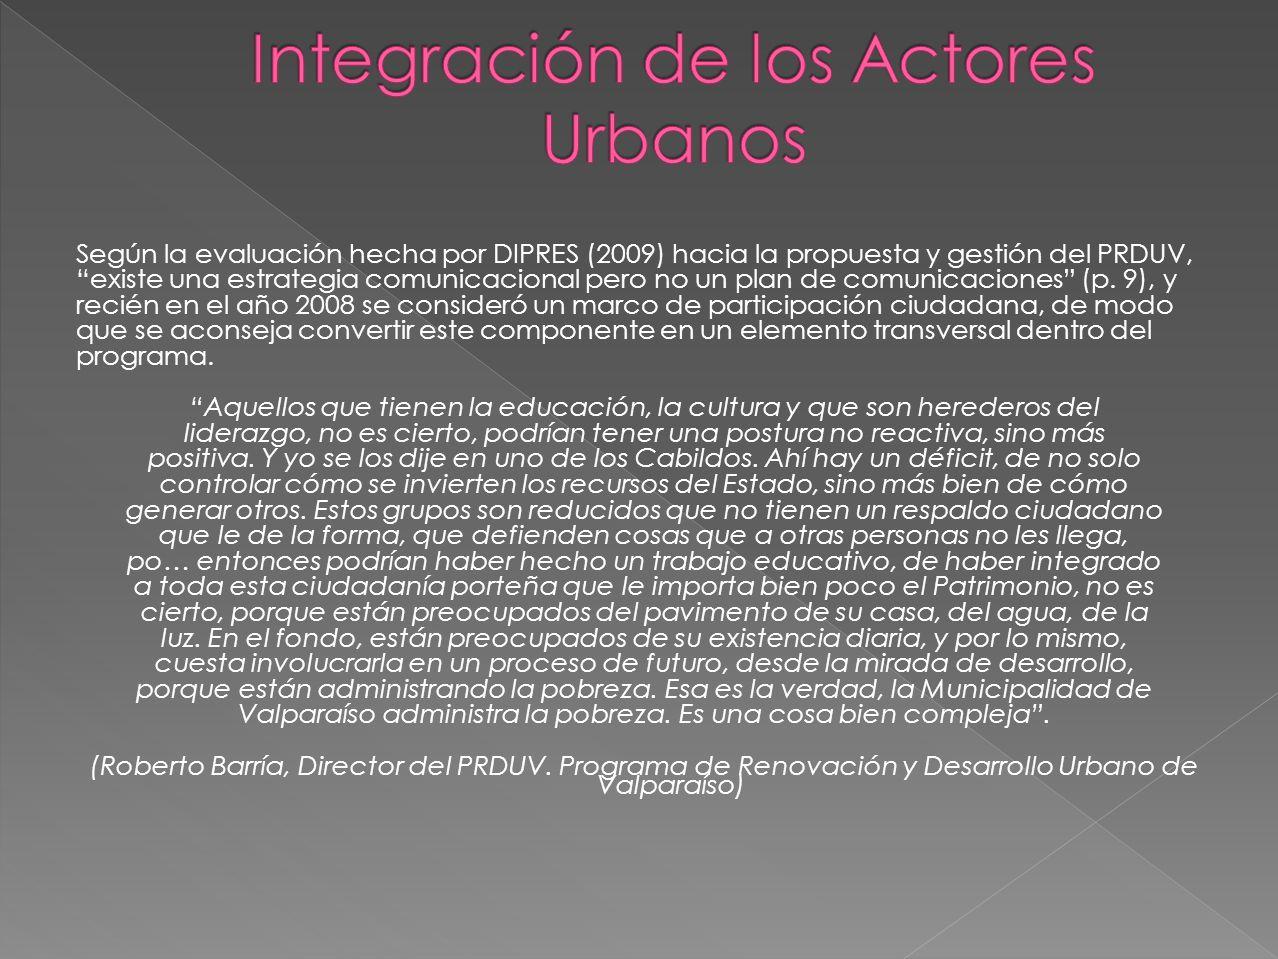 Integración de los Actores Urbanos